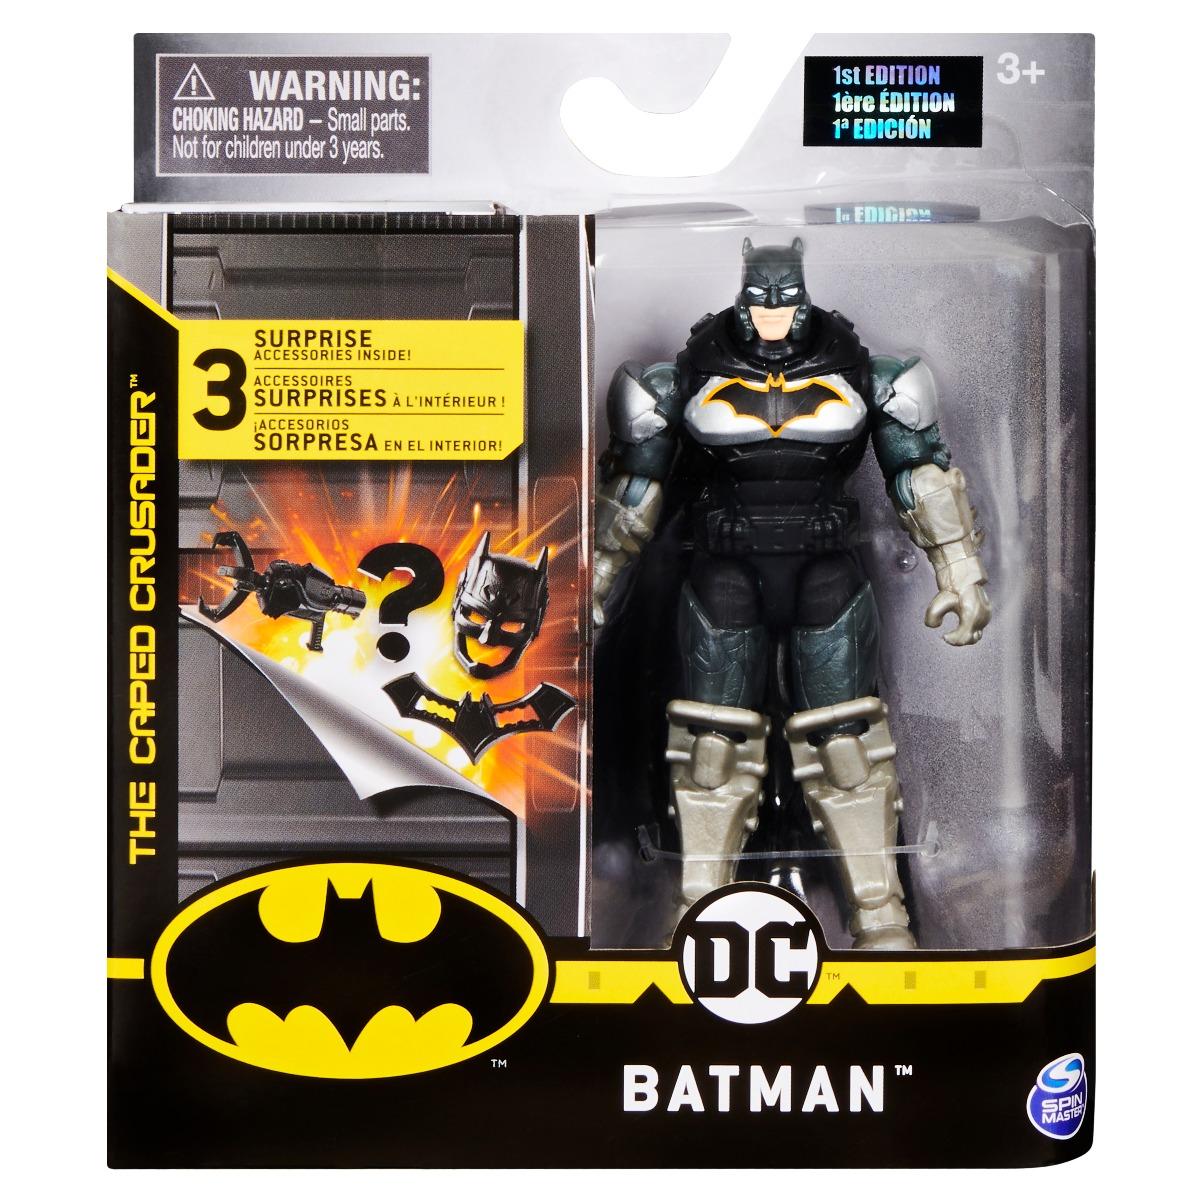 Set Figurina cu accesorii surpriza Batman 20125100